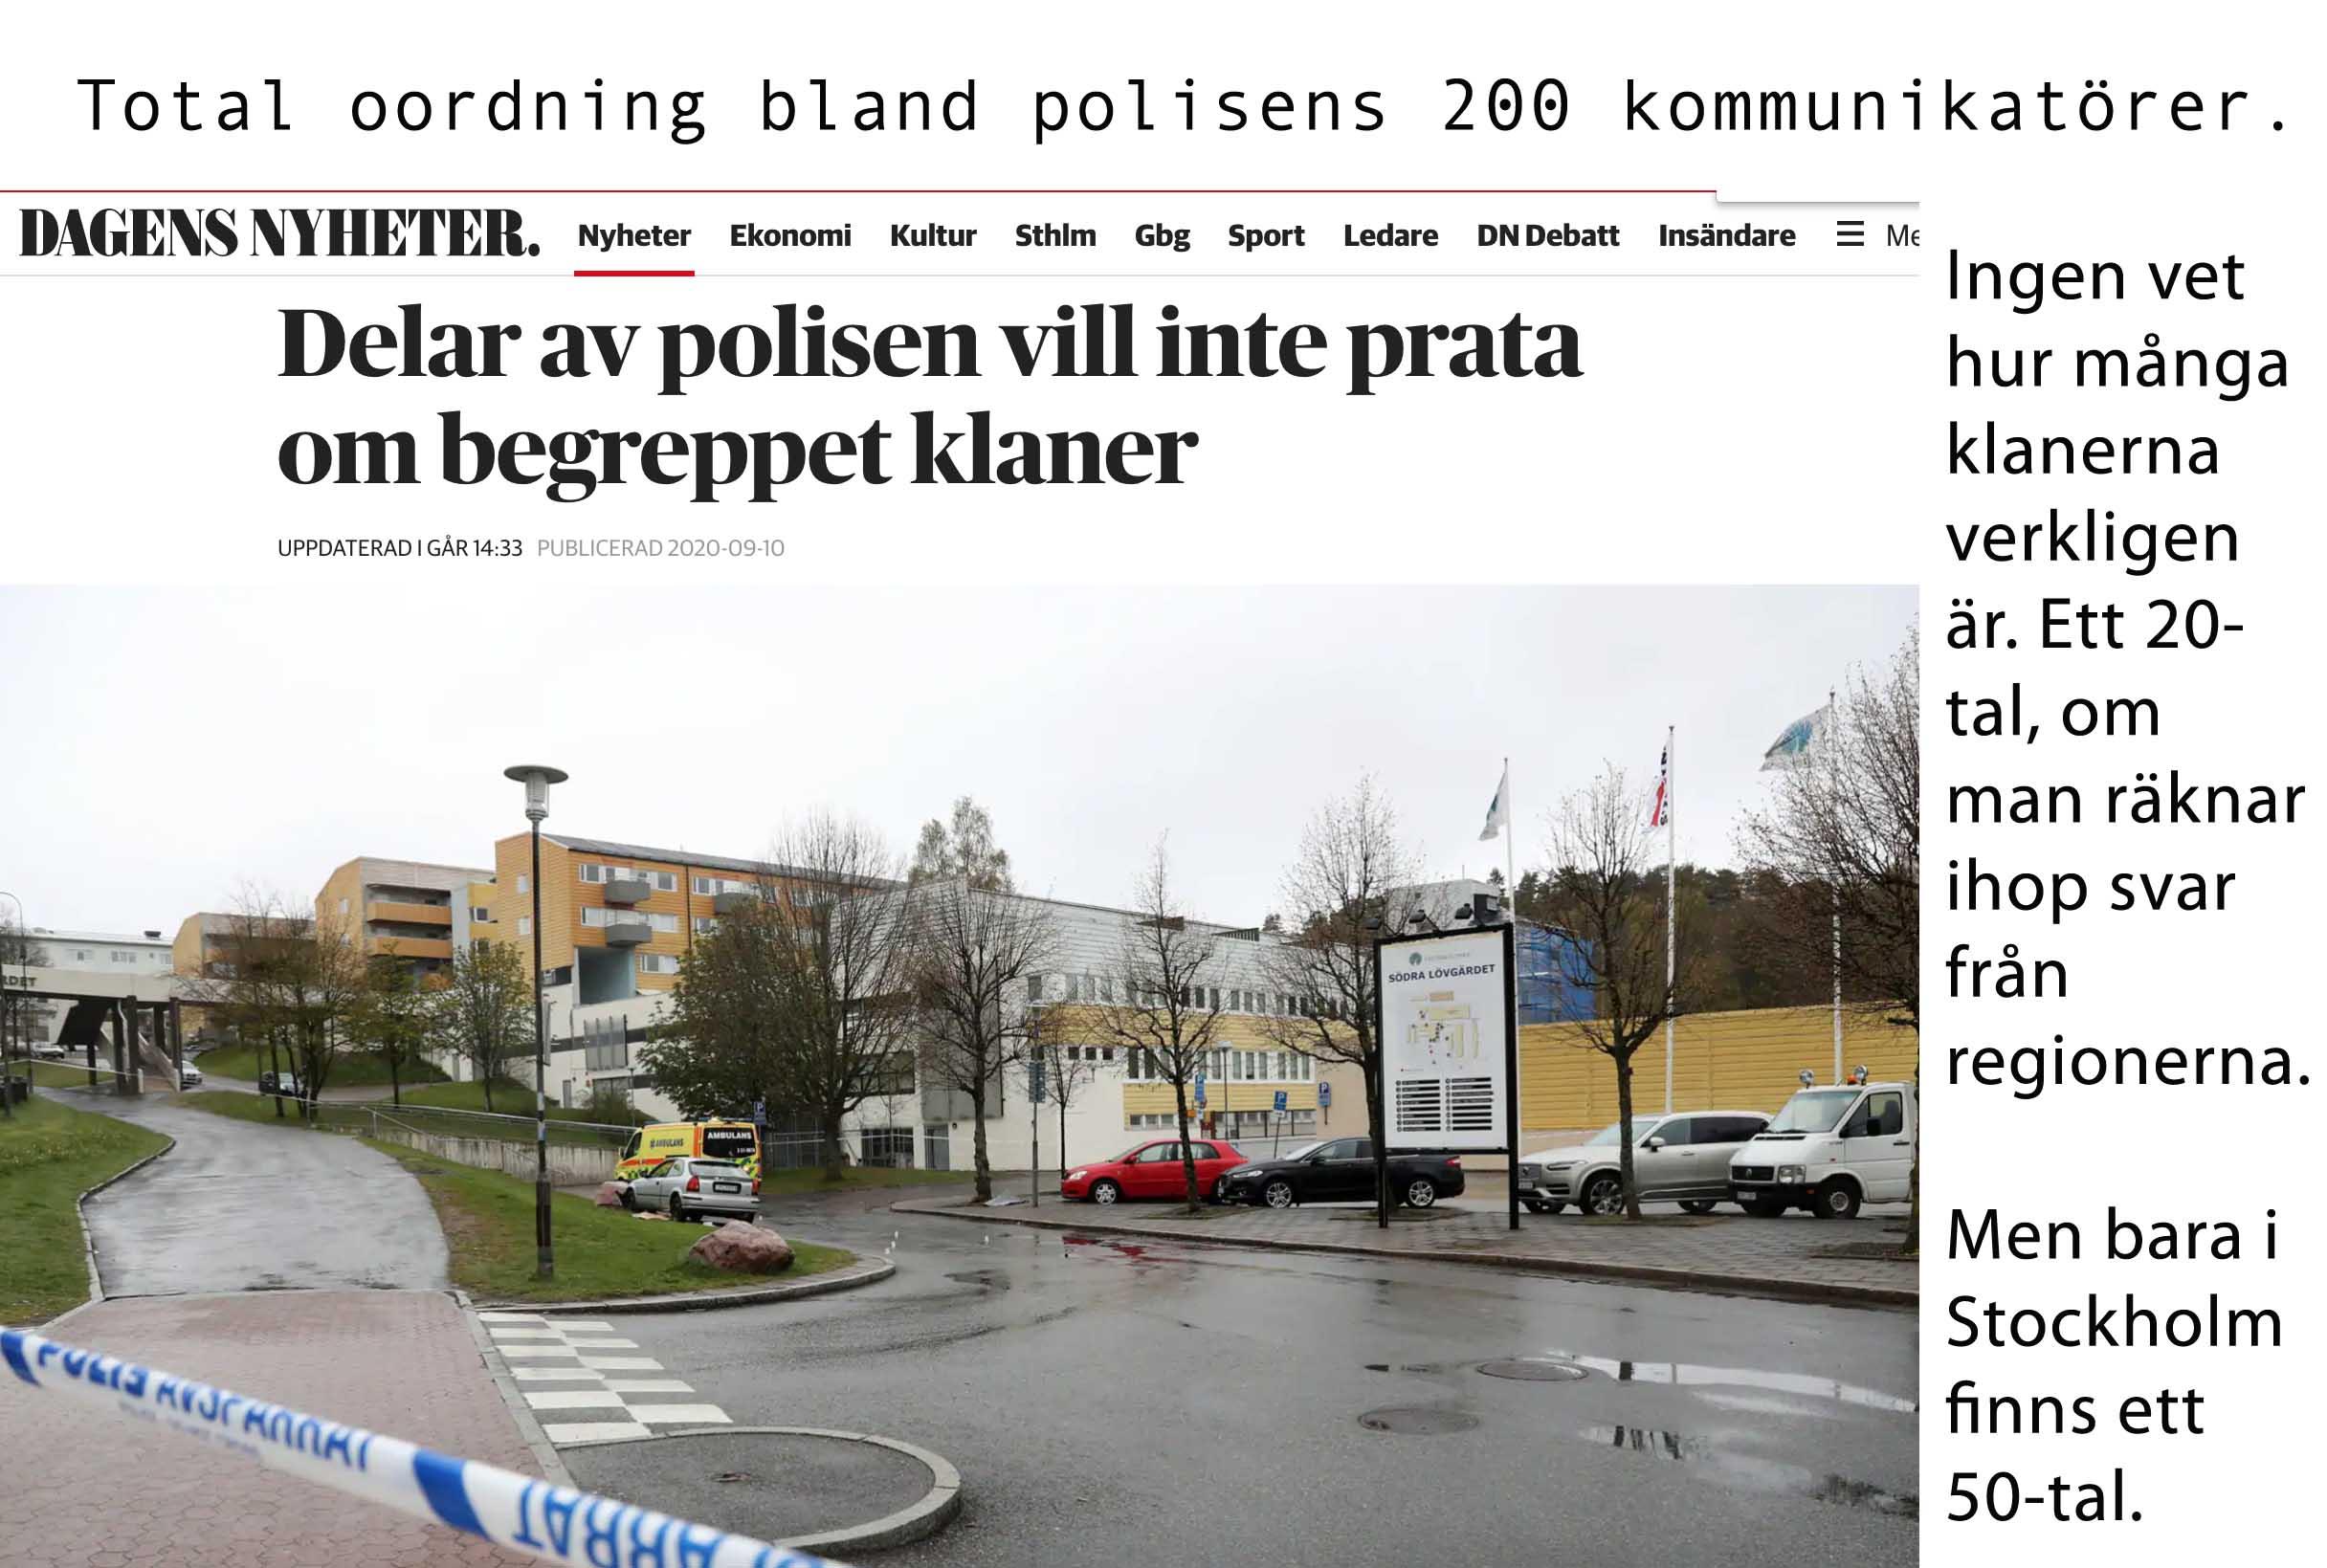 Kling & Klang och Klan: Total oordning på polisens kommunikationsavdelning.